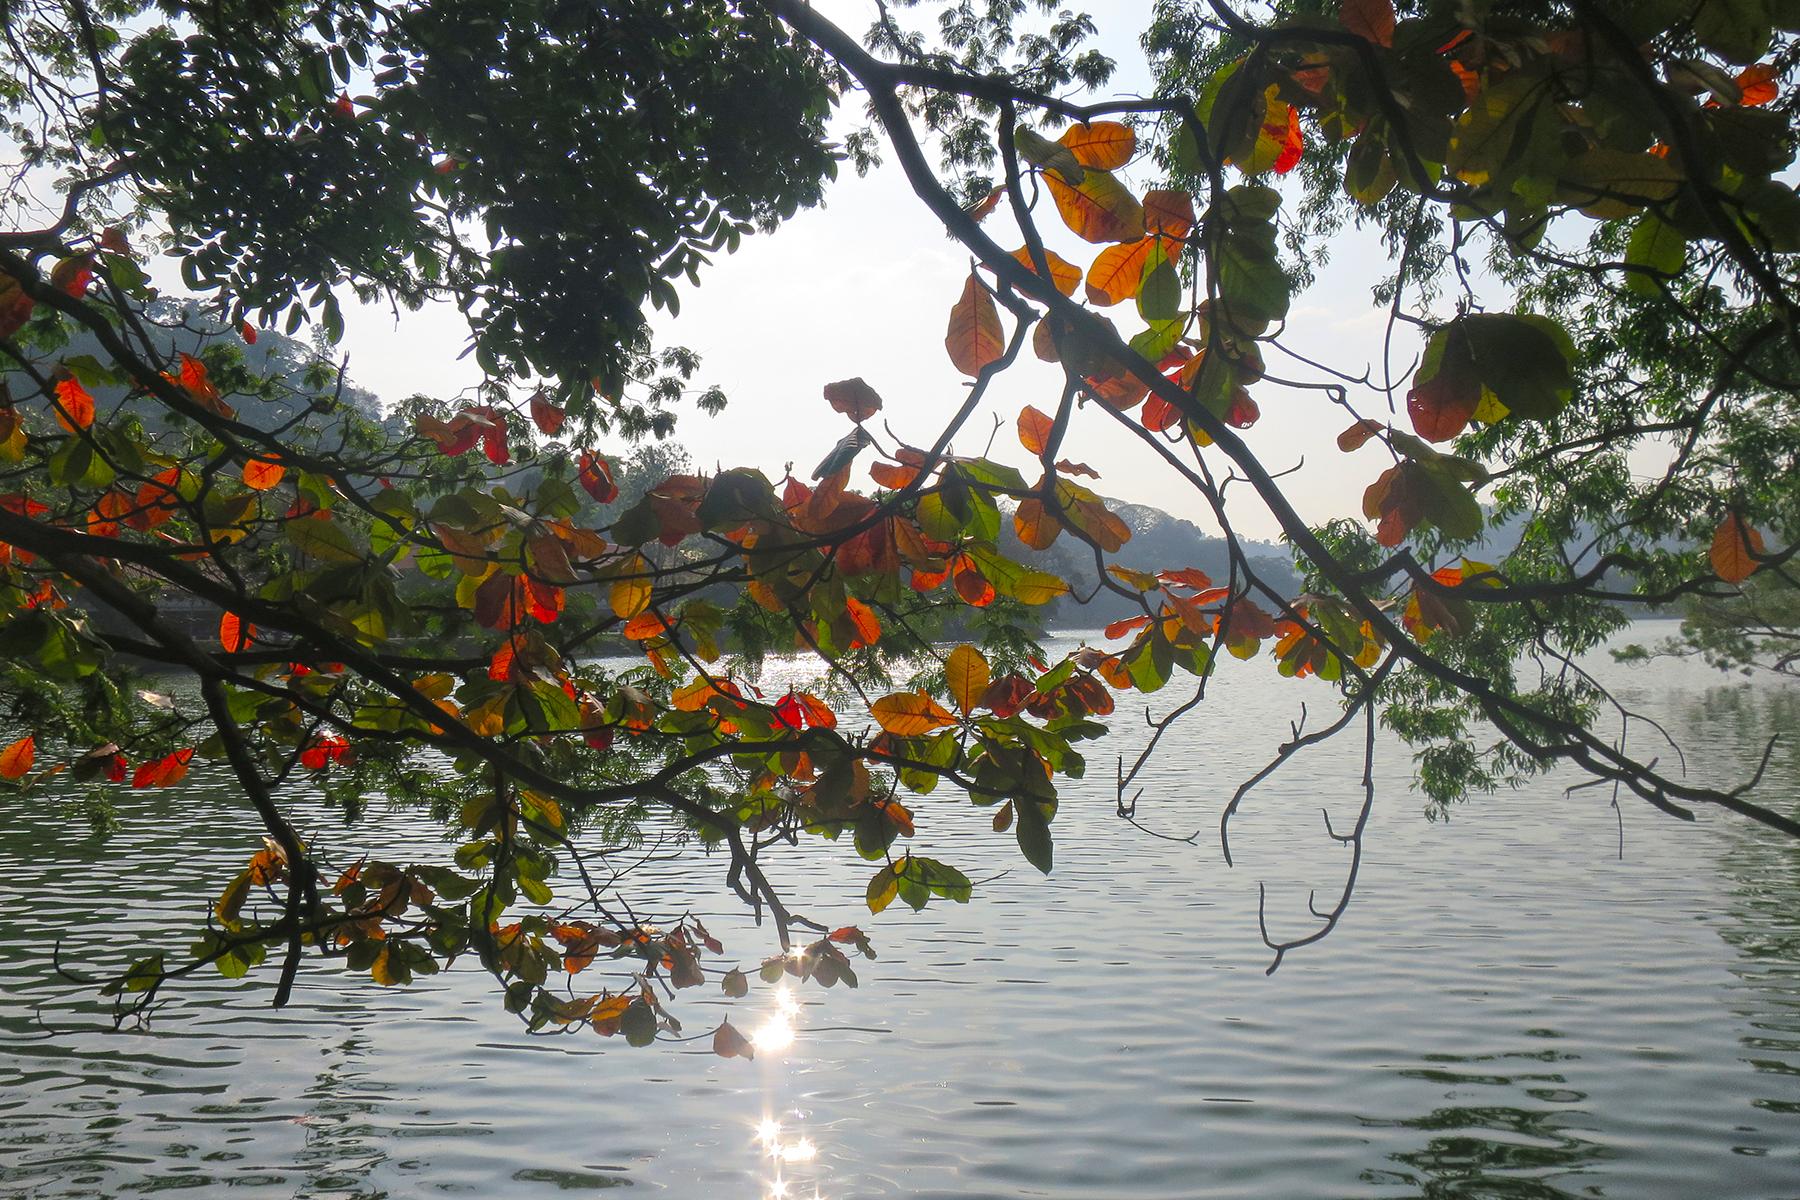 Hauptstadt im Hochland von Sri Lanka: 10 Dinge, die man in Kandy erleben muss